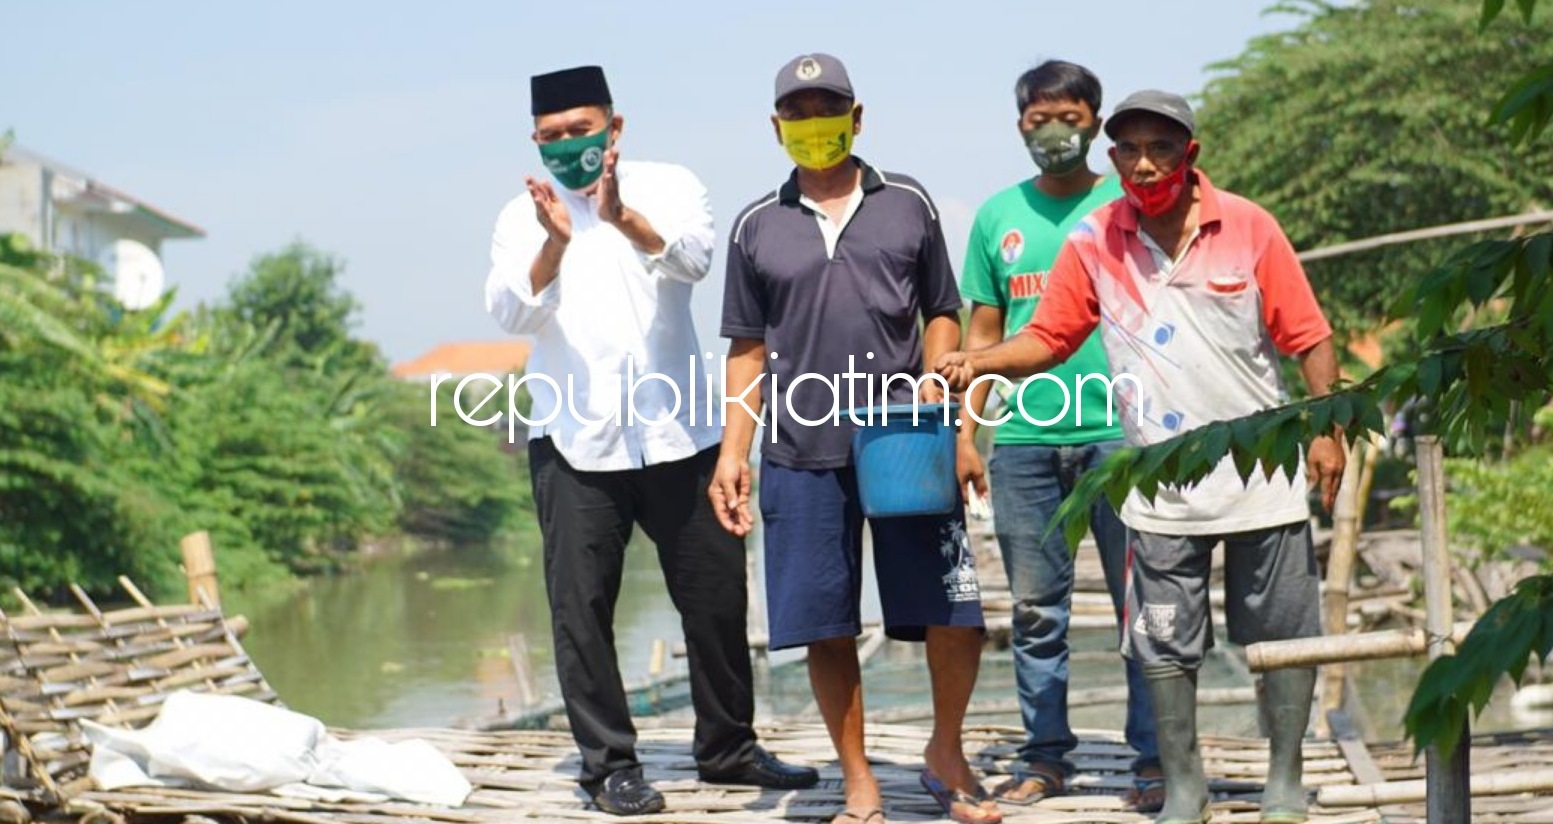 BHS - Taufiq Prioritaskan Pengembangan Budidaya Perikanan di Sidoarjo